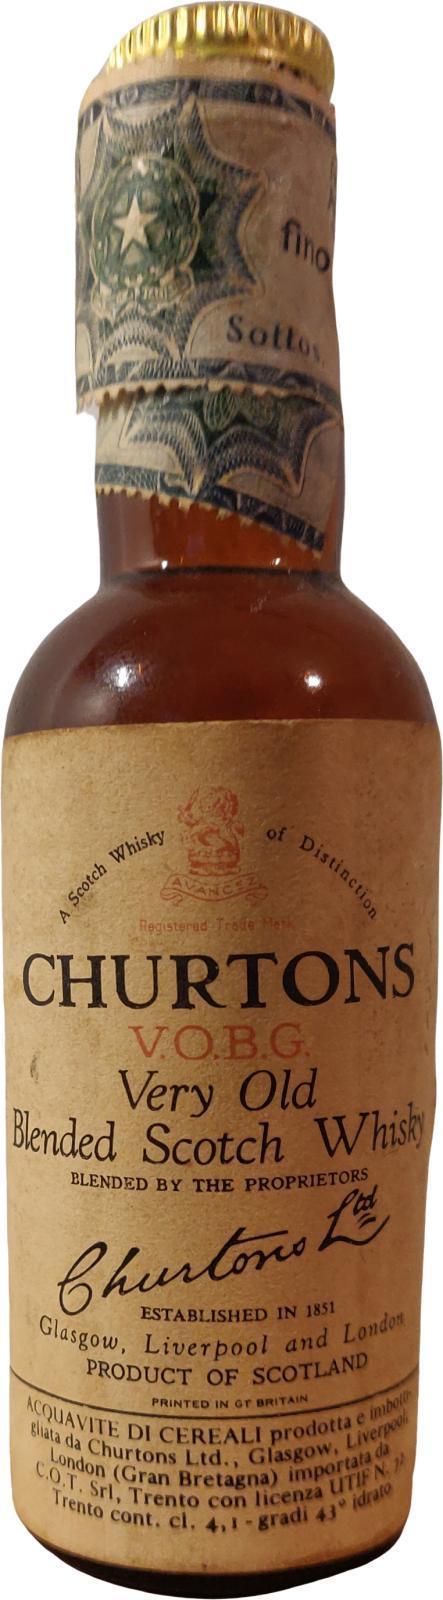 Churtons V.O.B.G.